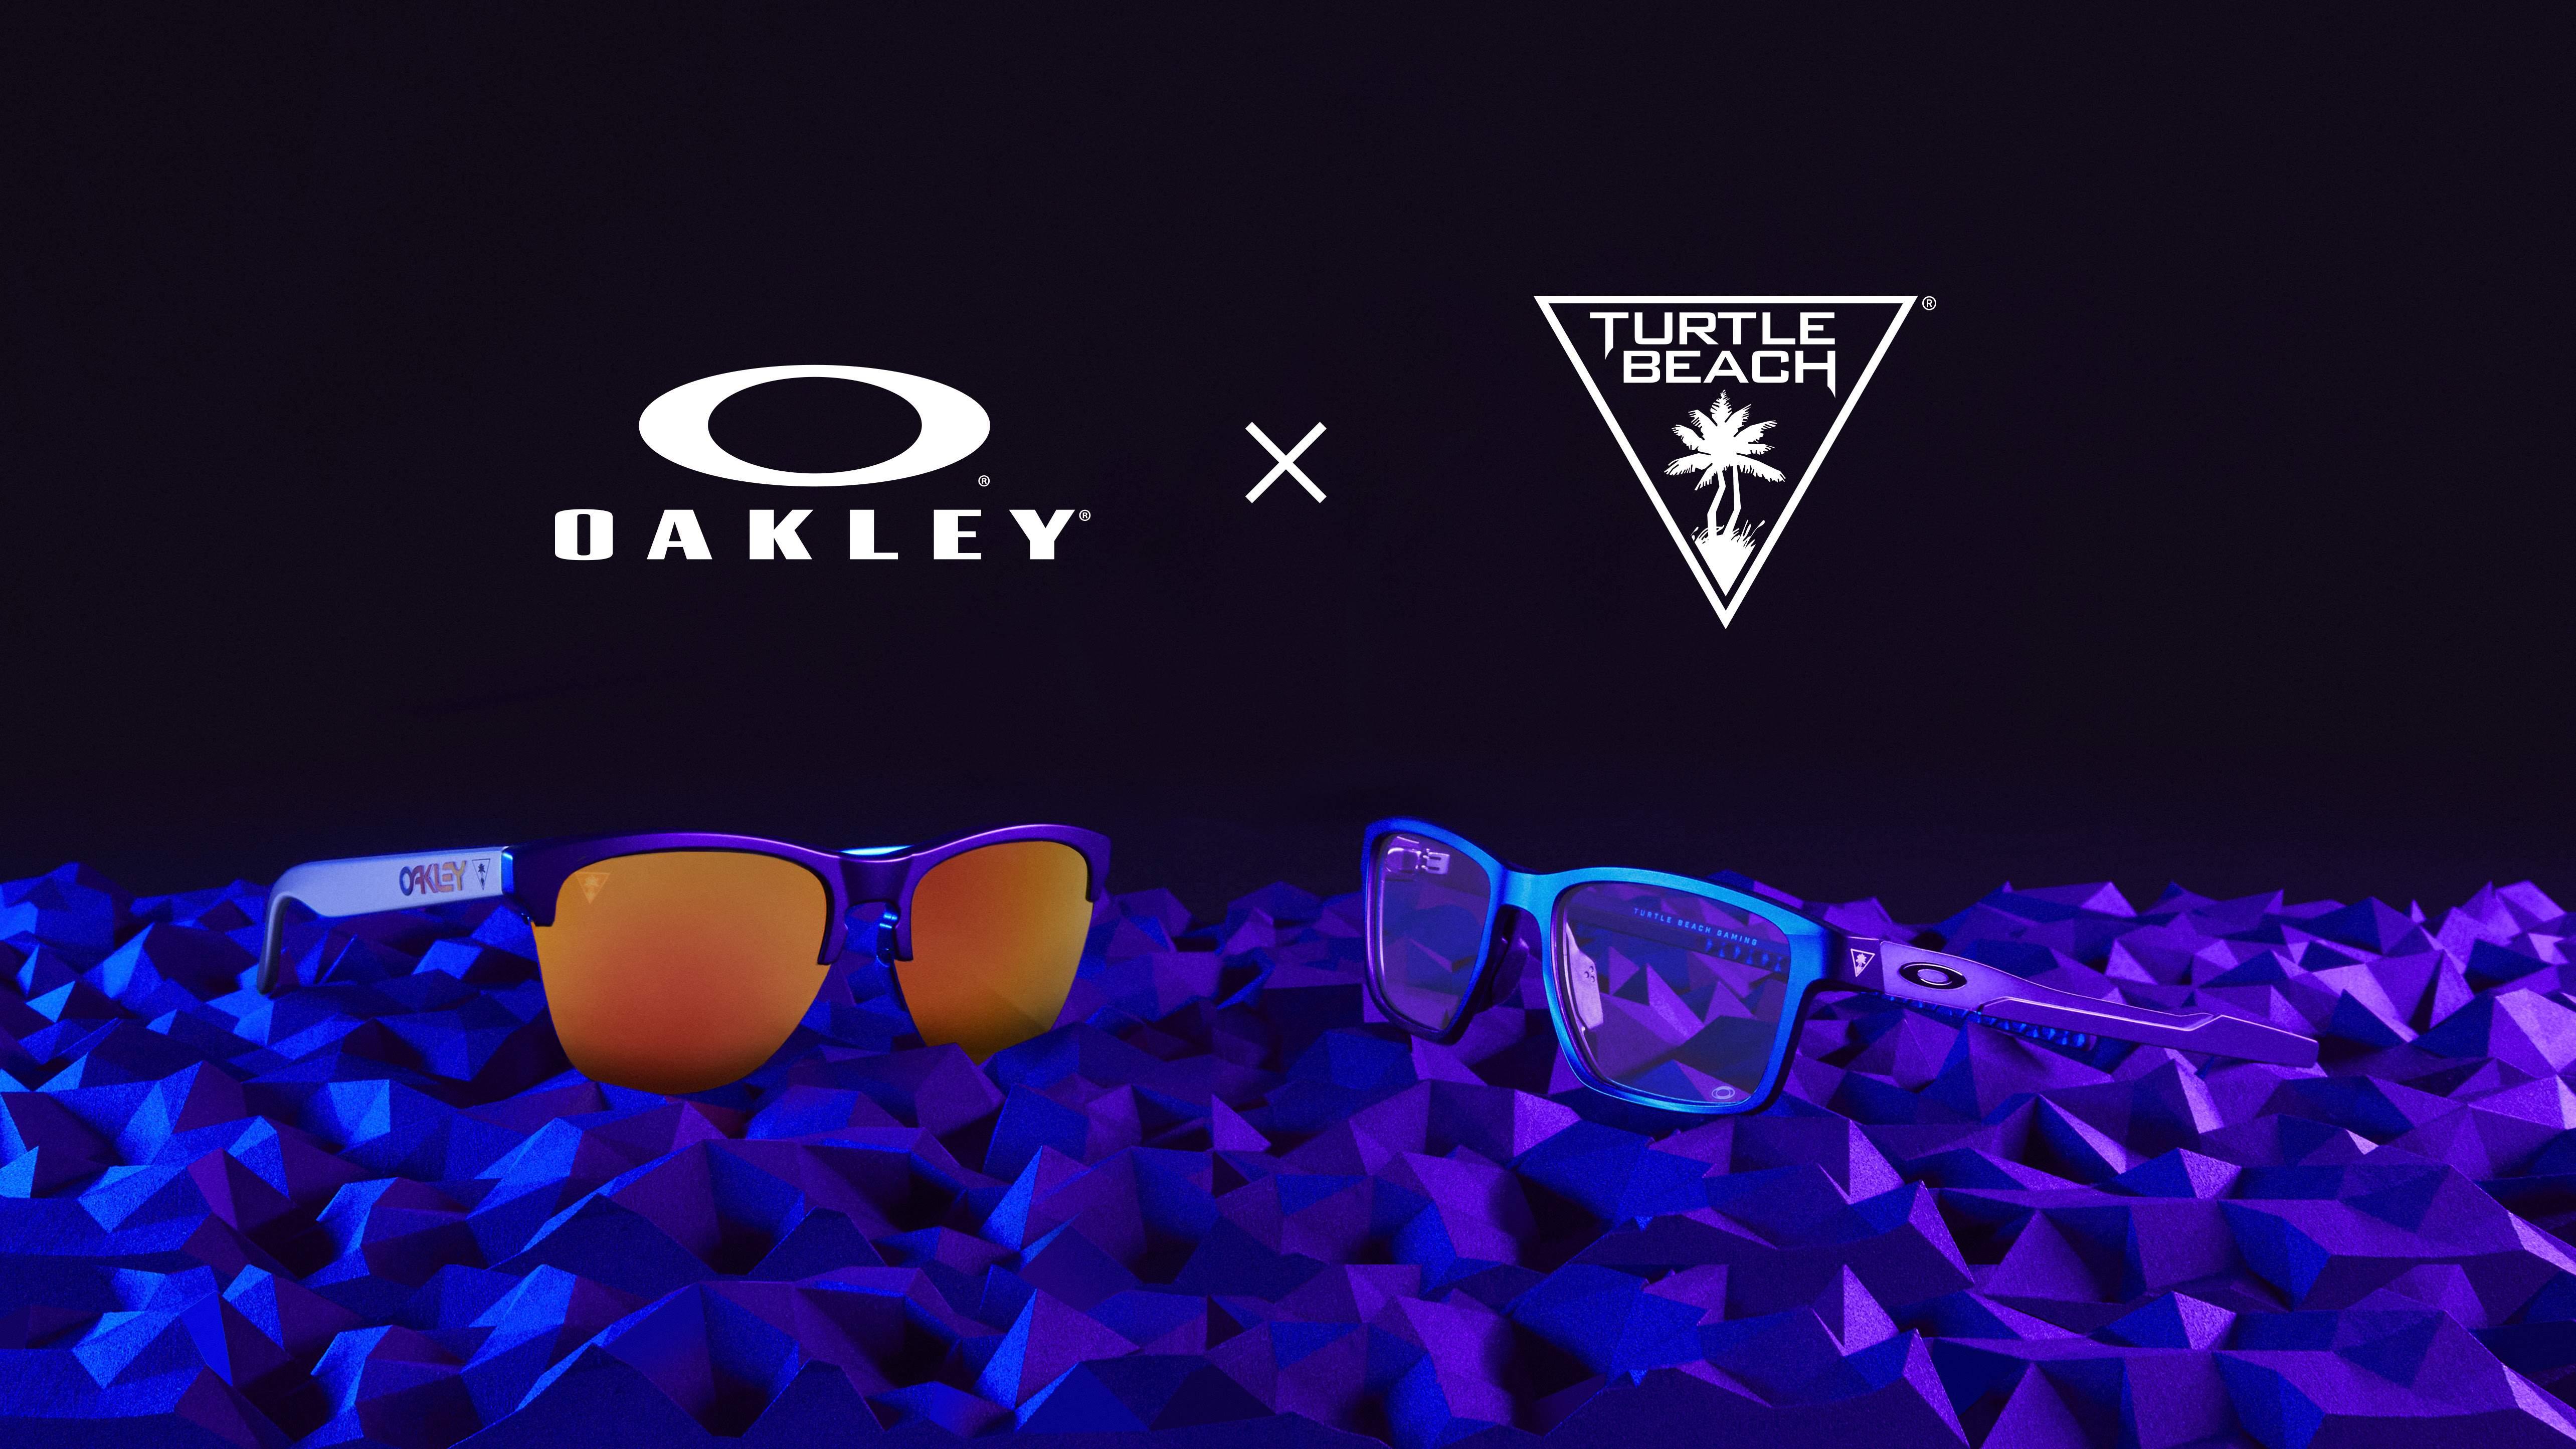 Turtle Beach annuncia la partership con Oakley